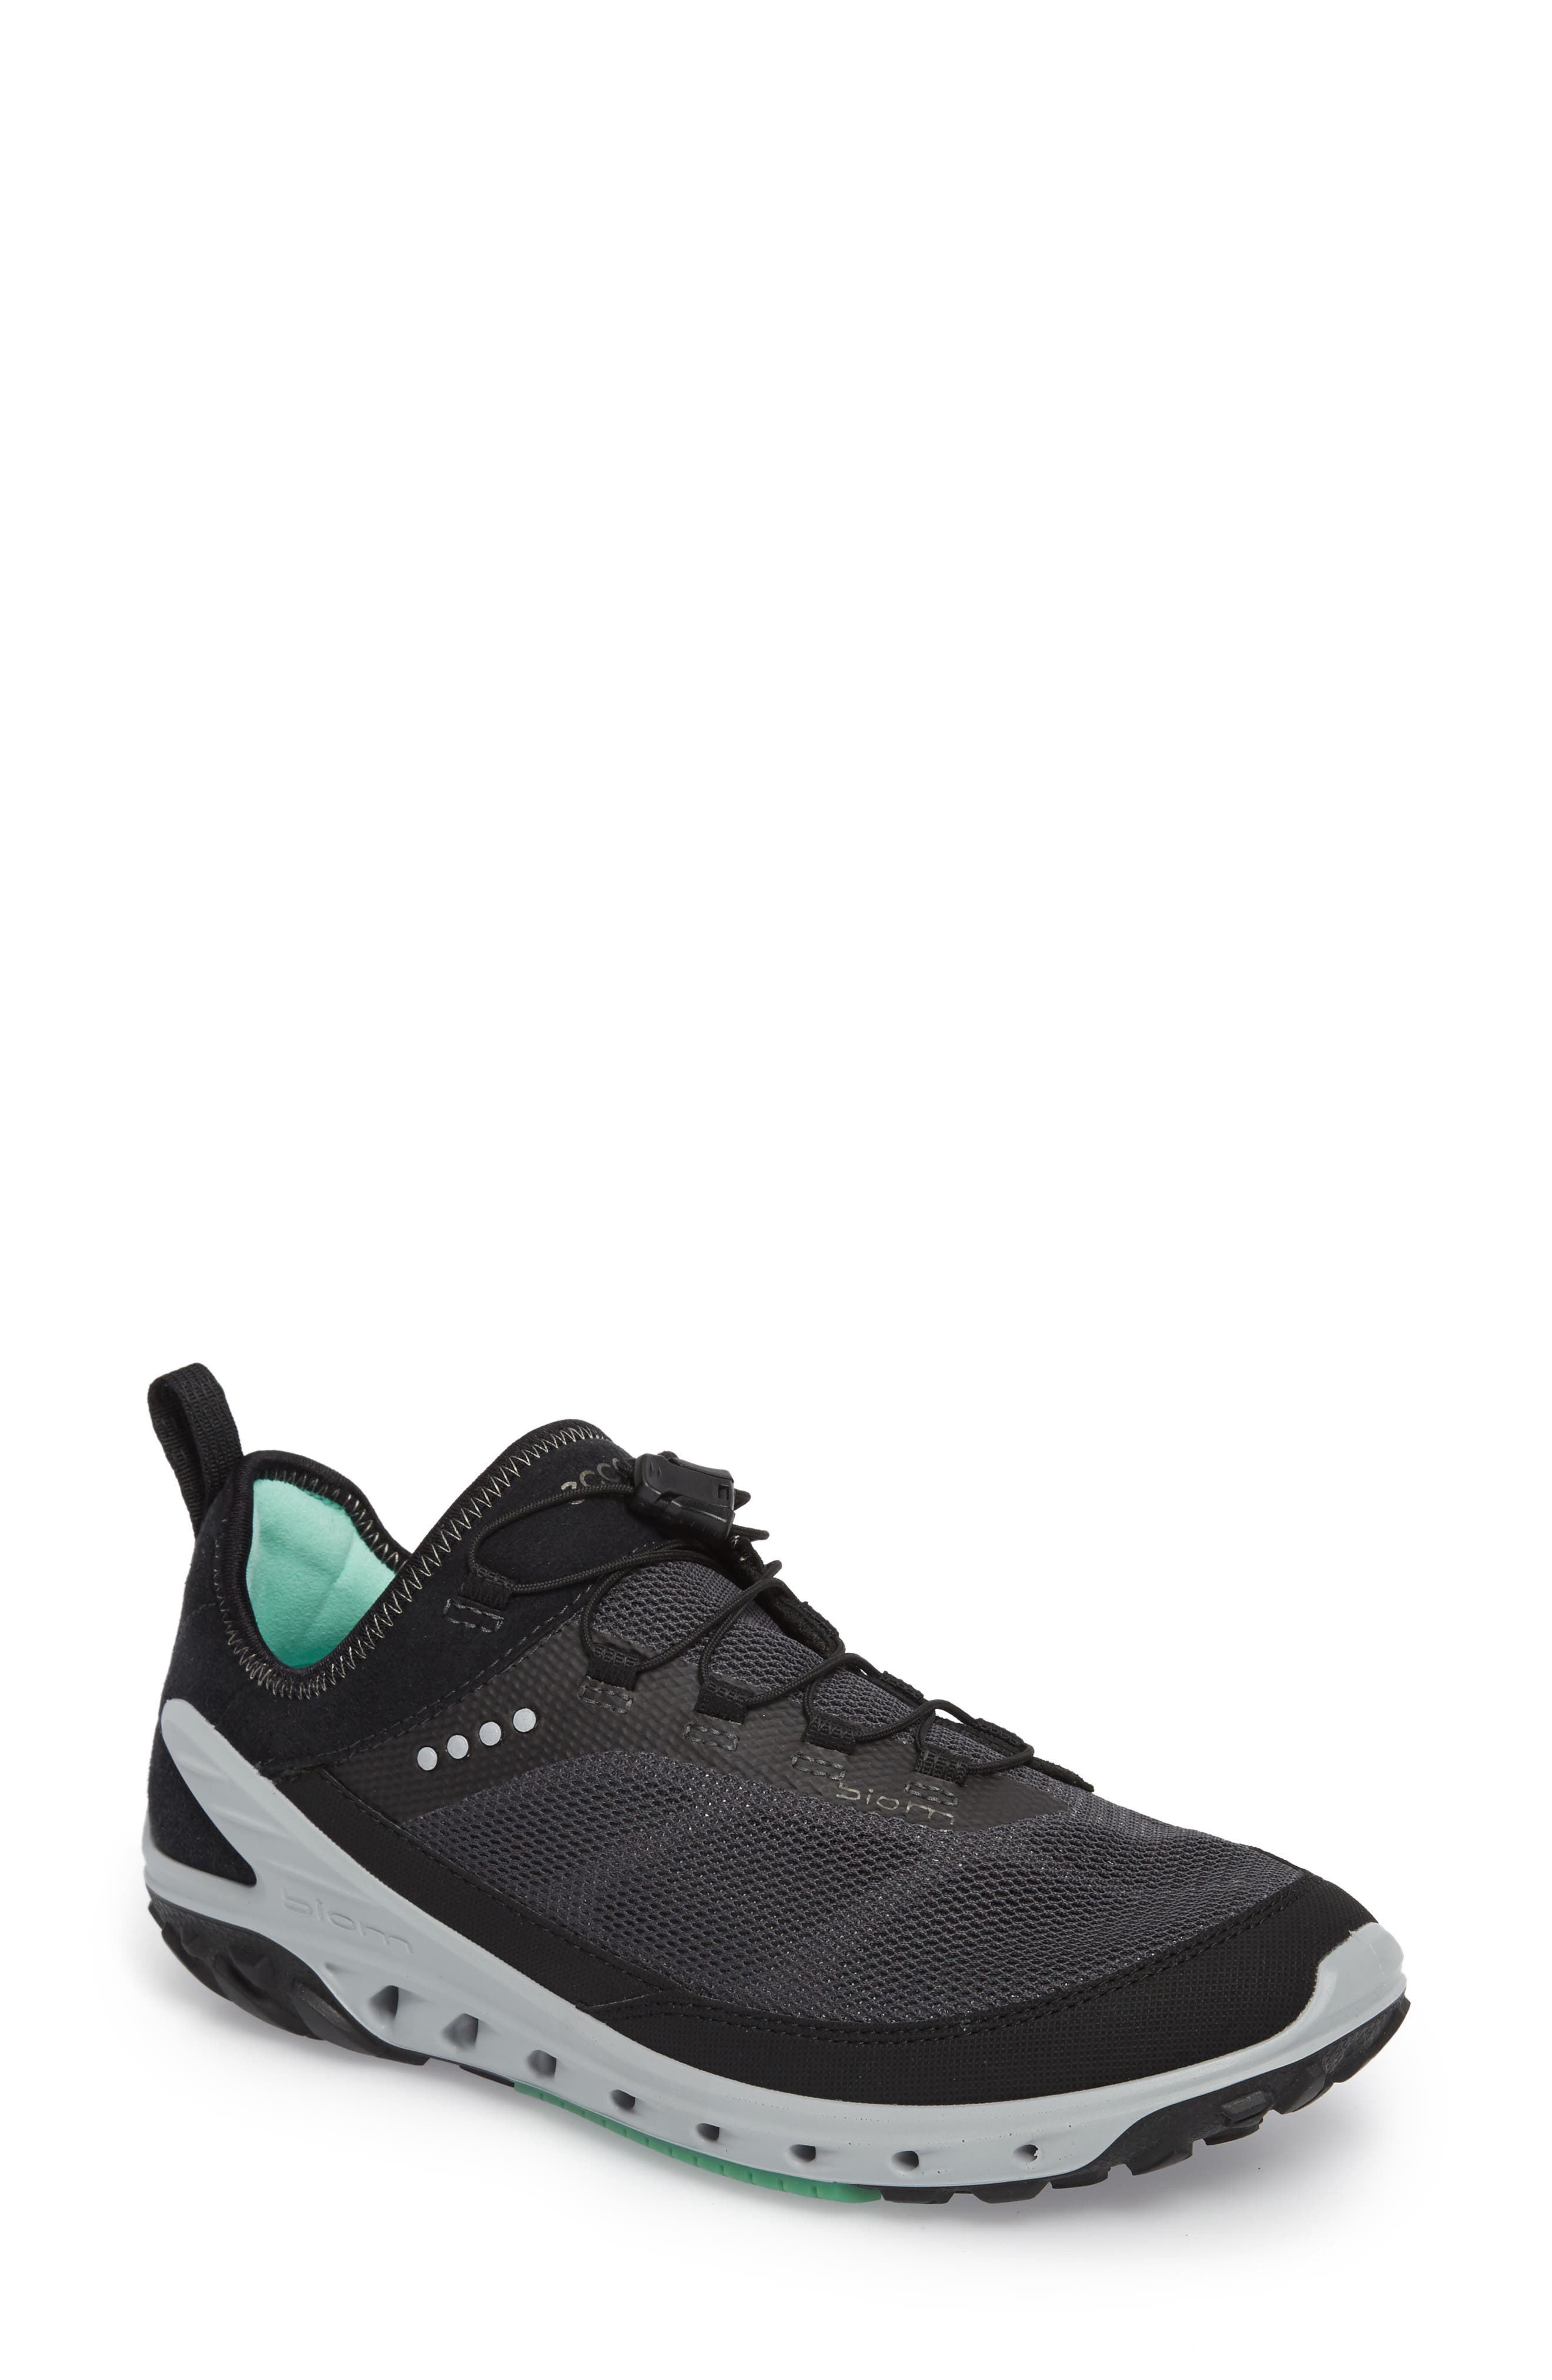 BIOM Venture Sneaker,                         Main,                         color,